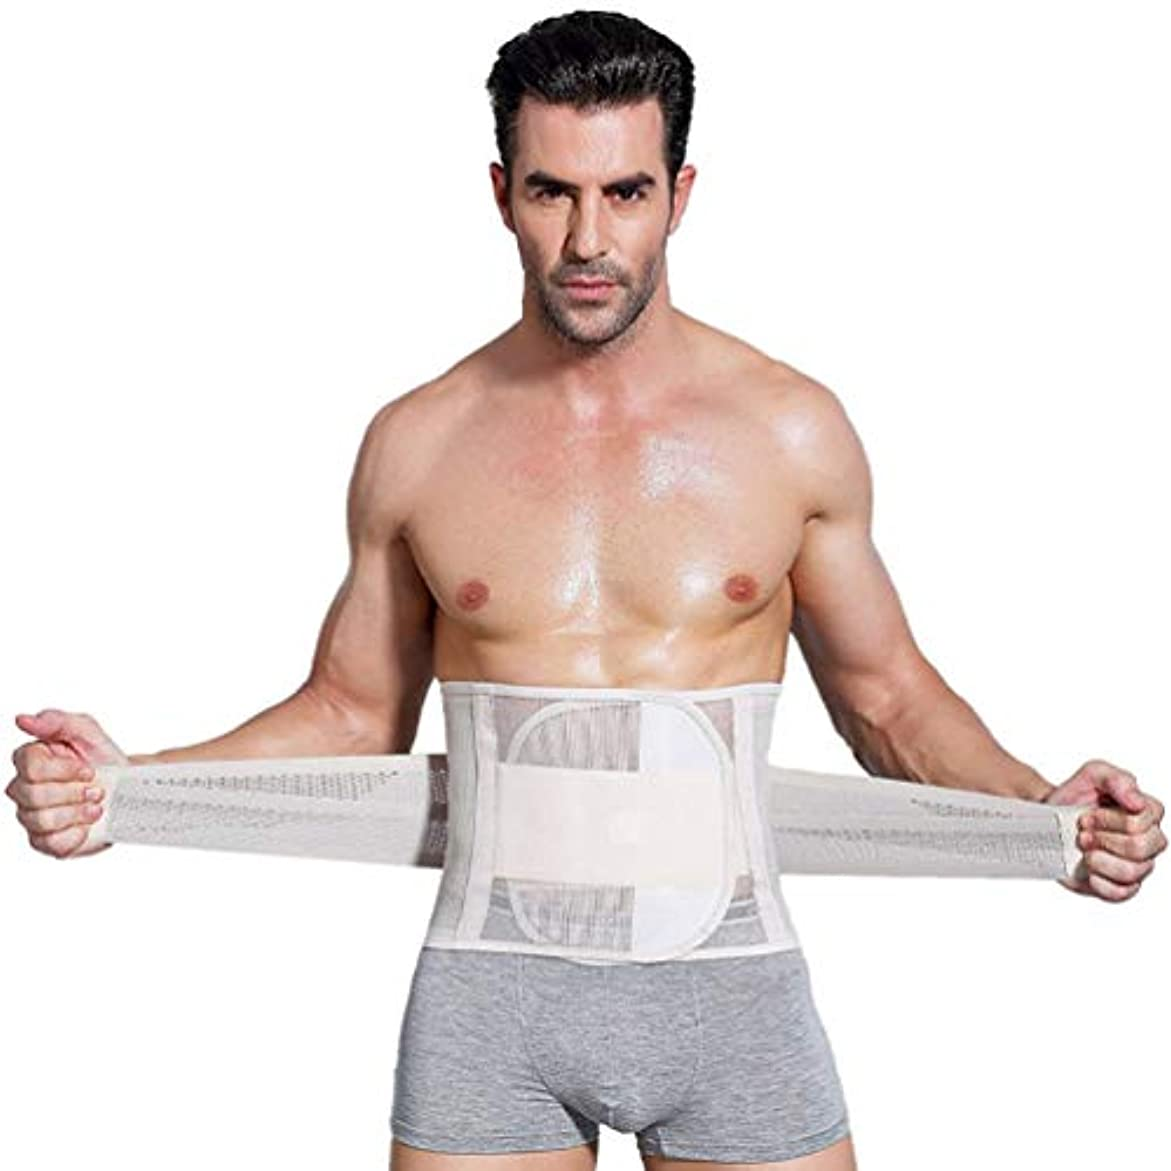 照らす連続的配分男性ボディシェイパーコルセット腹部おなかコントロールウエストトレーナーニッパー脂肪燃焼ガードル痩身腹ベルト用男性 - 肌色XL